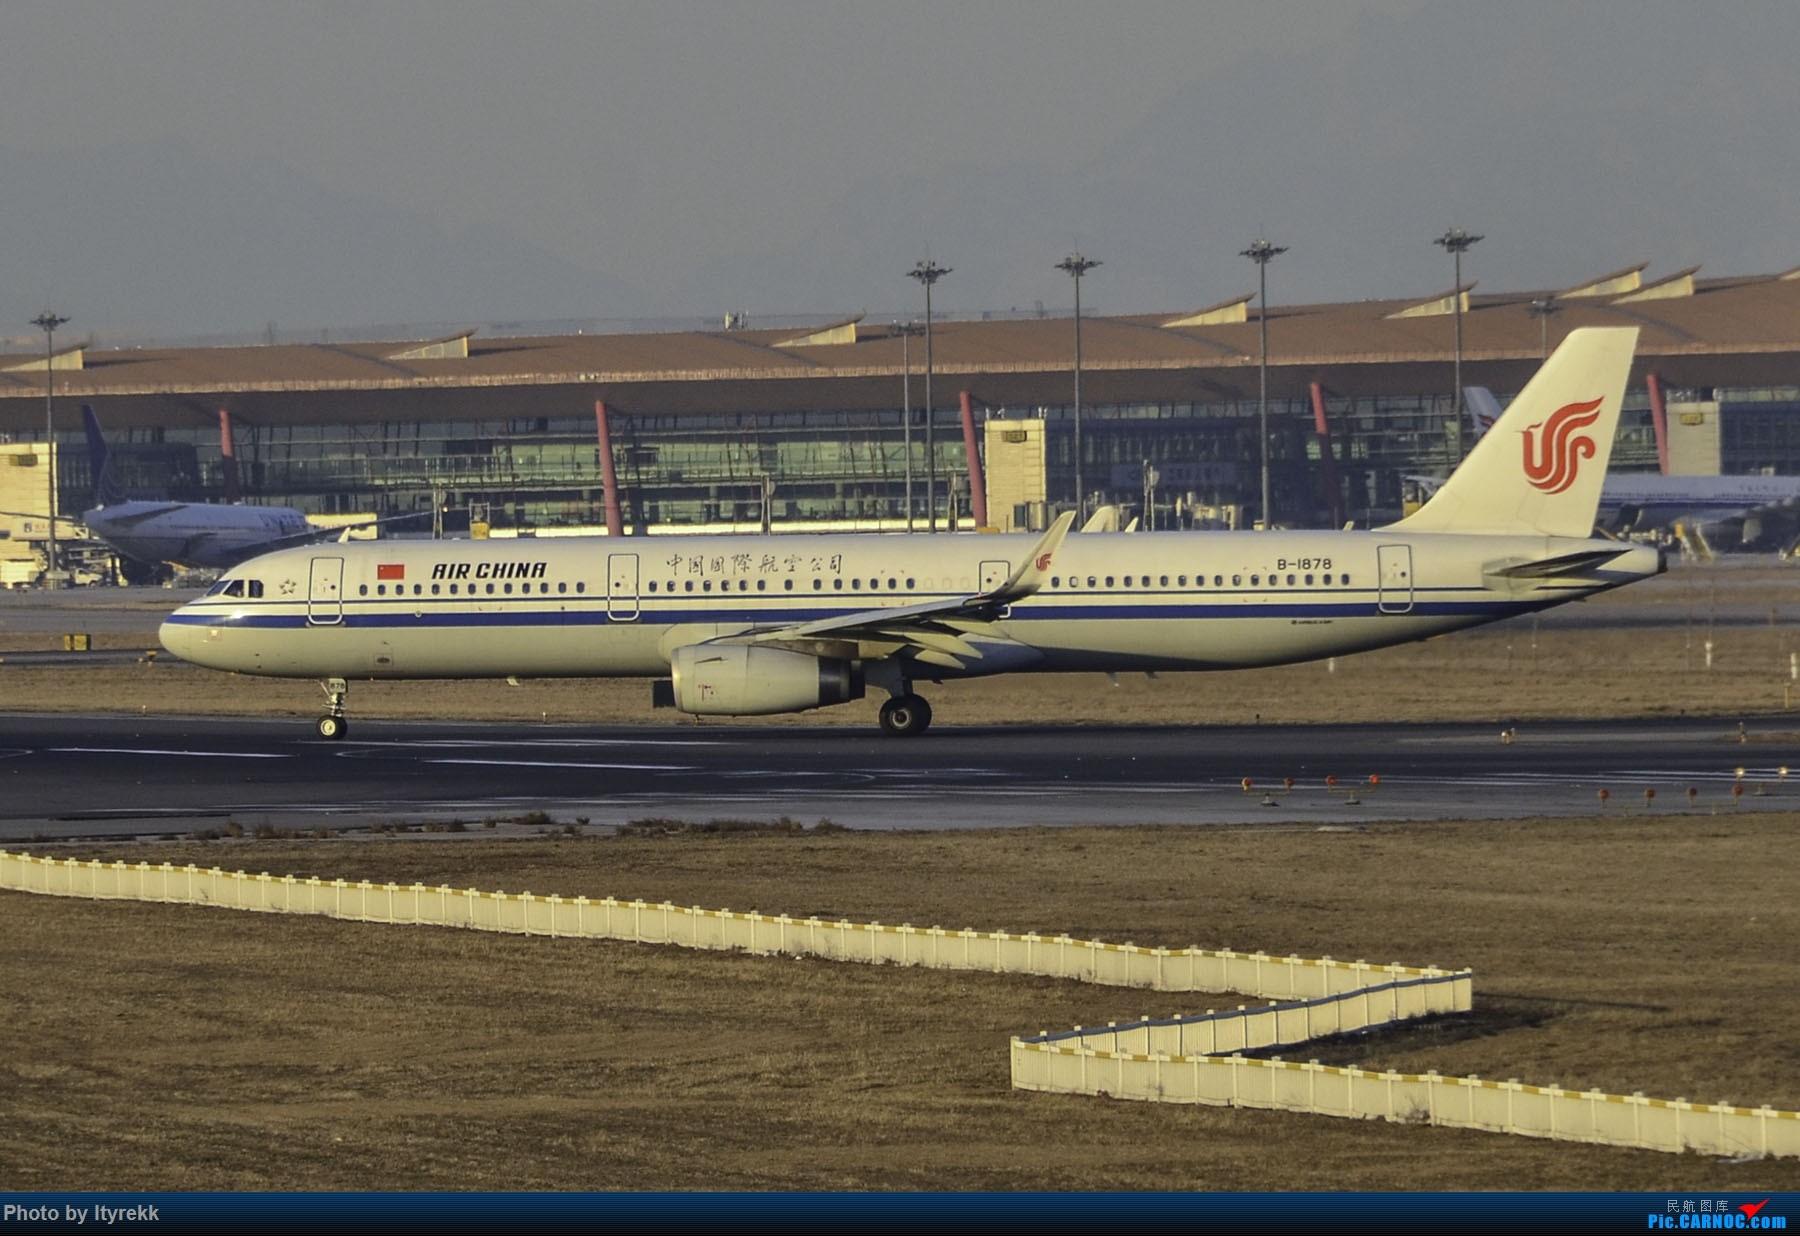 Re:[原创]PEK一日游 收获厦航首架789 B-1566等 AIRBUS A321-200 B-1878 中国北京首都国际机场